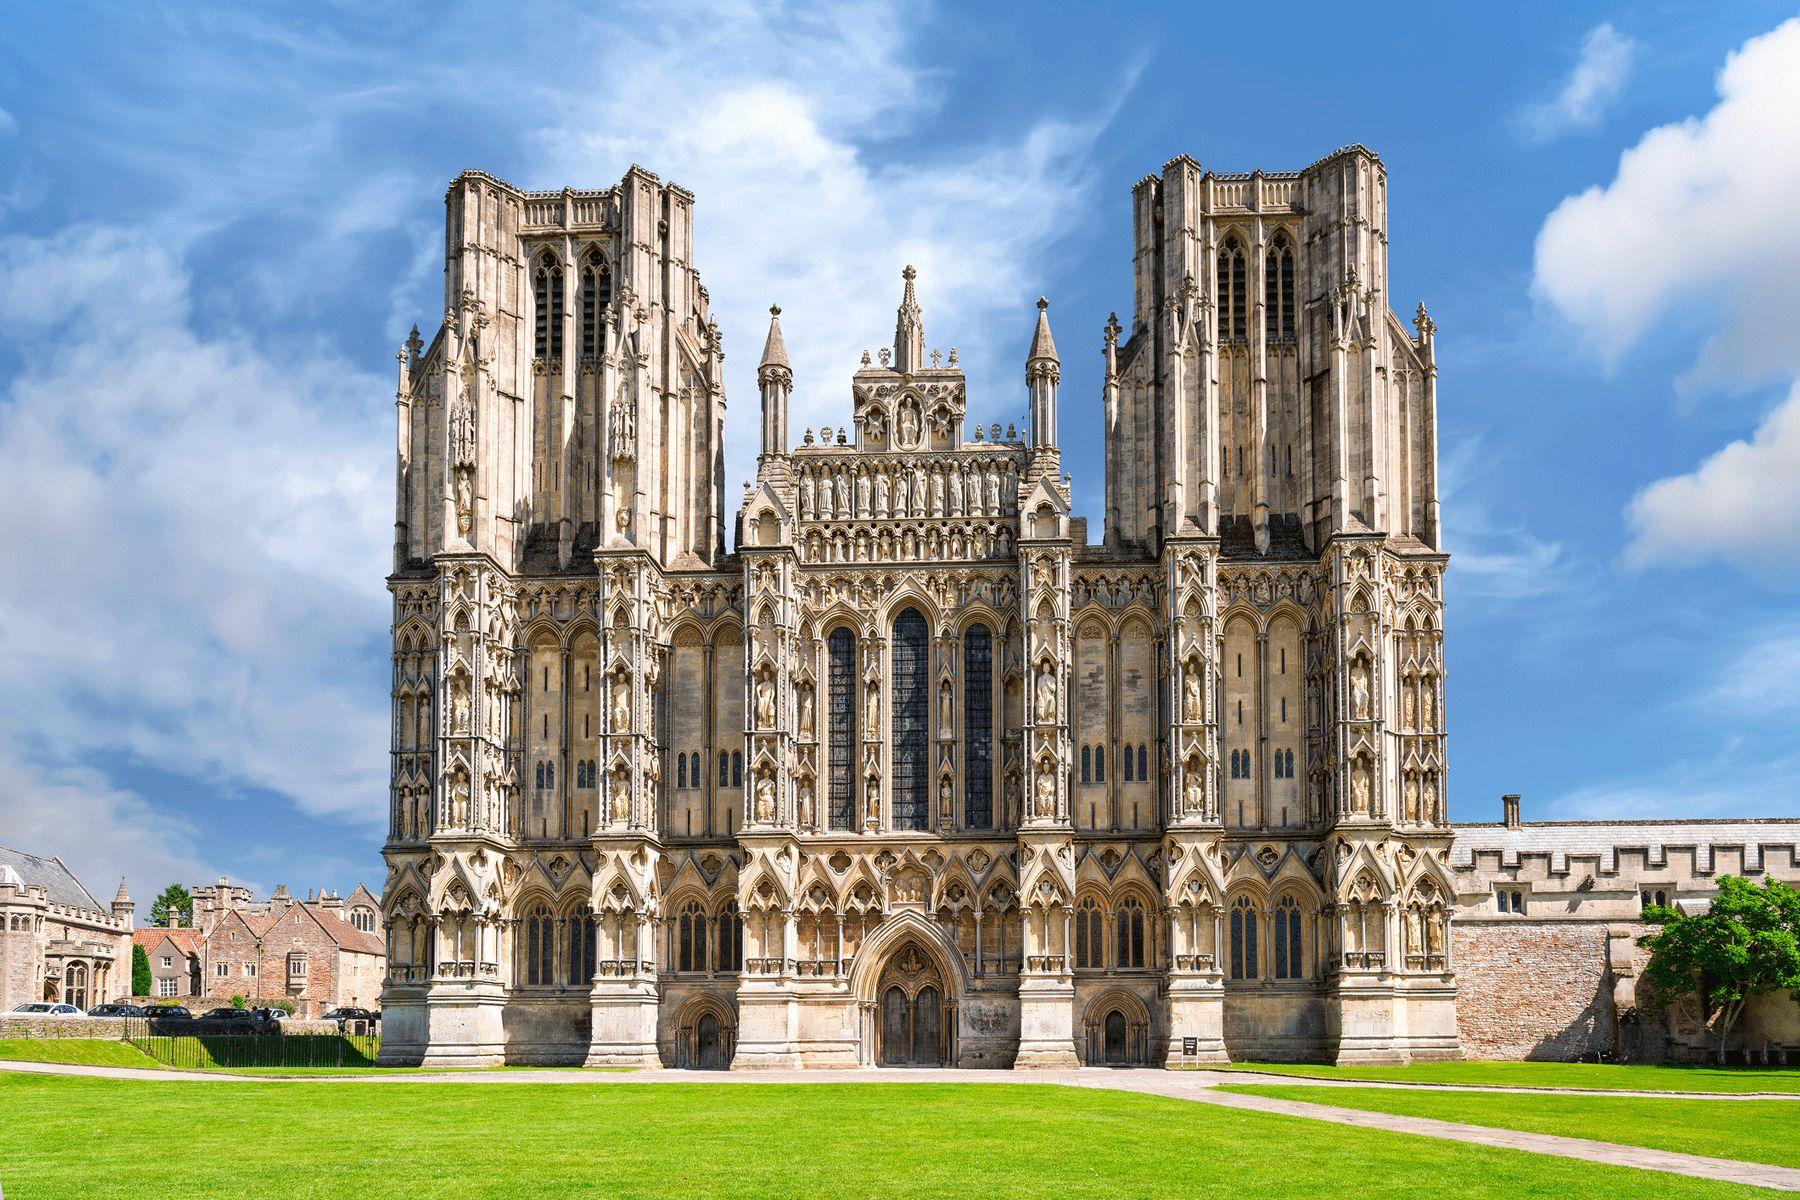 Wells Kathedrale iStock638930402 web